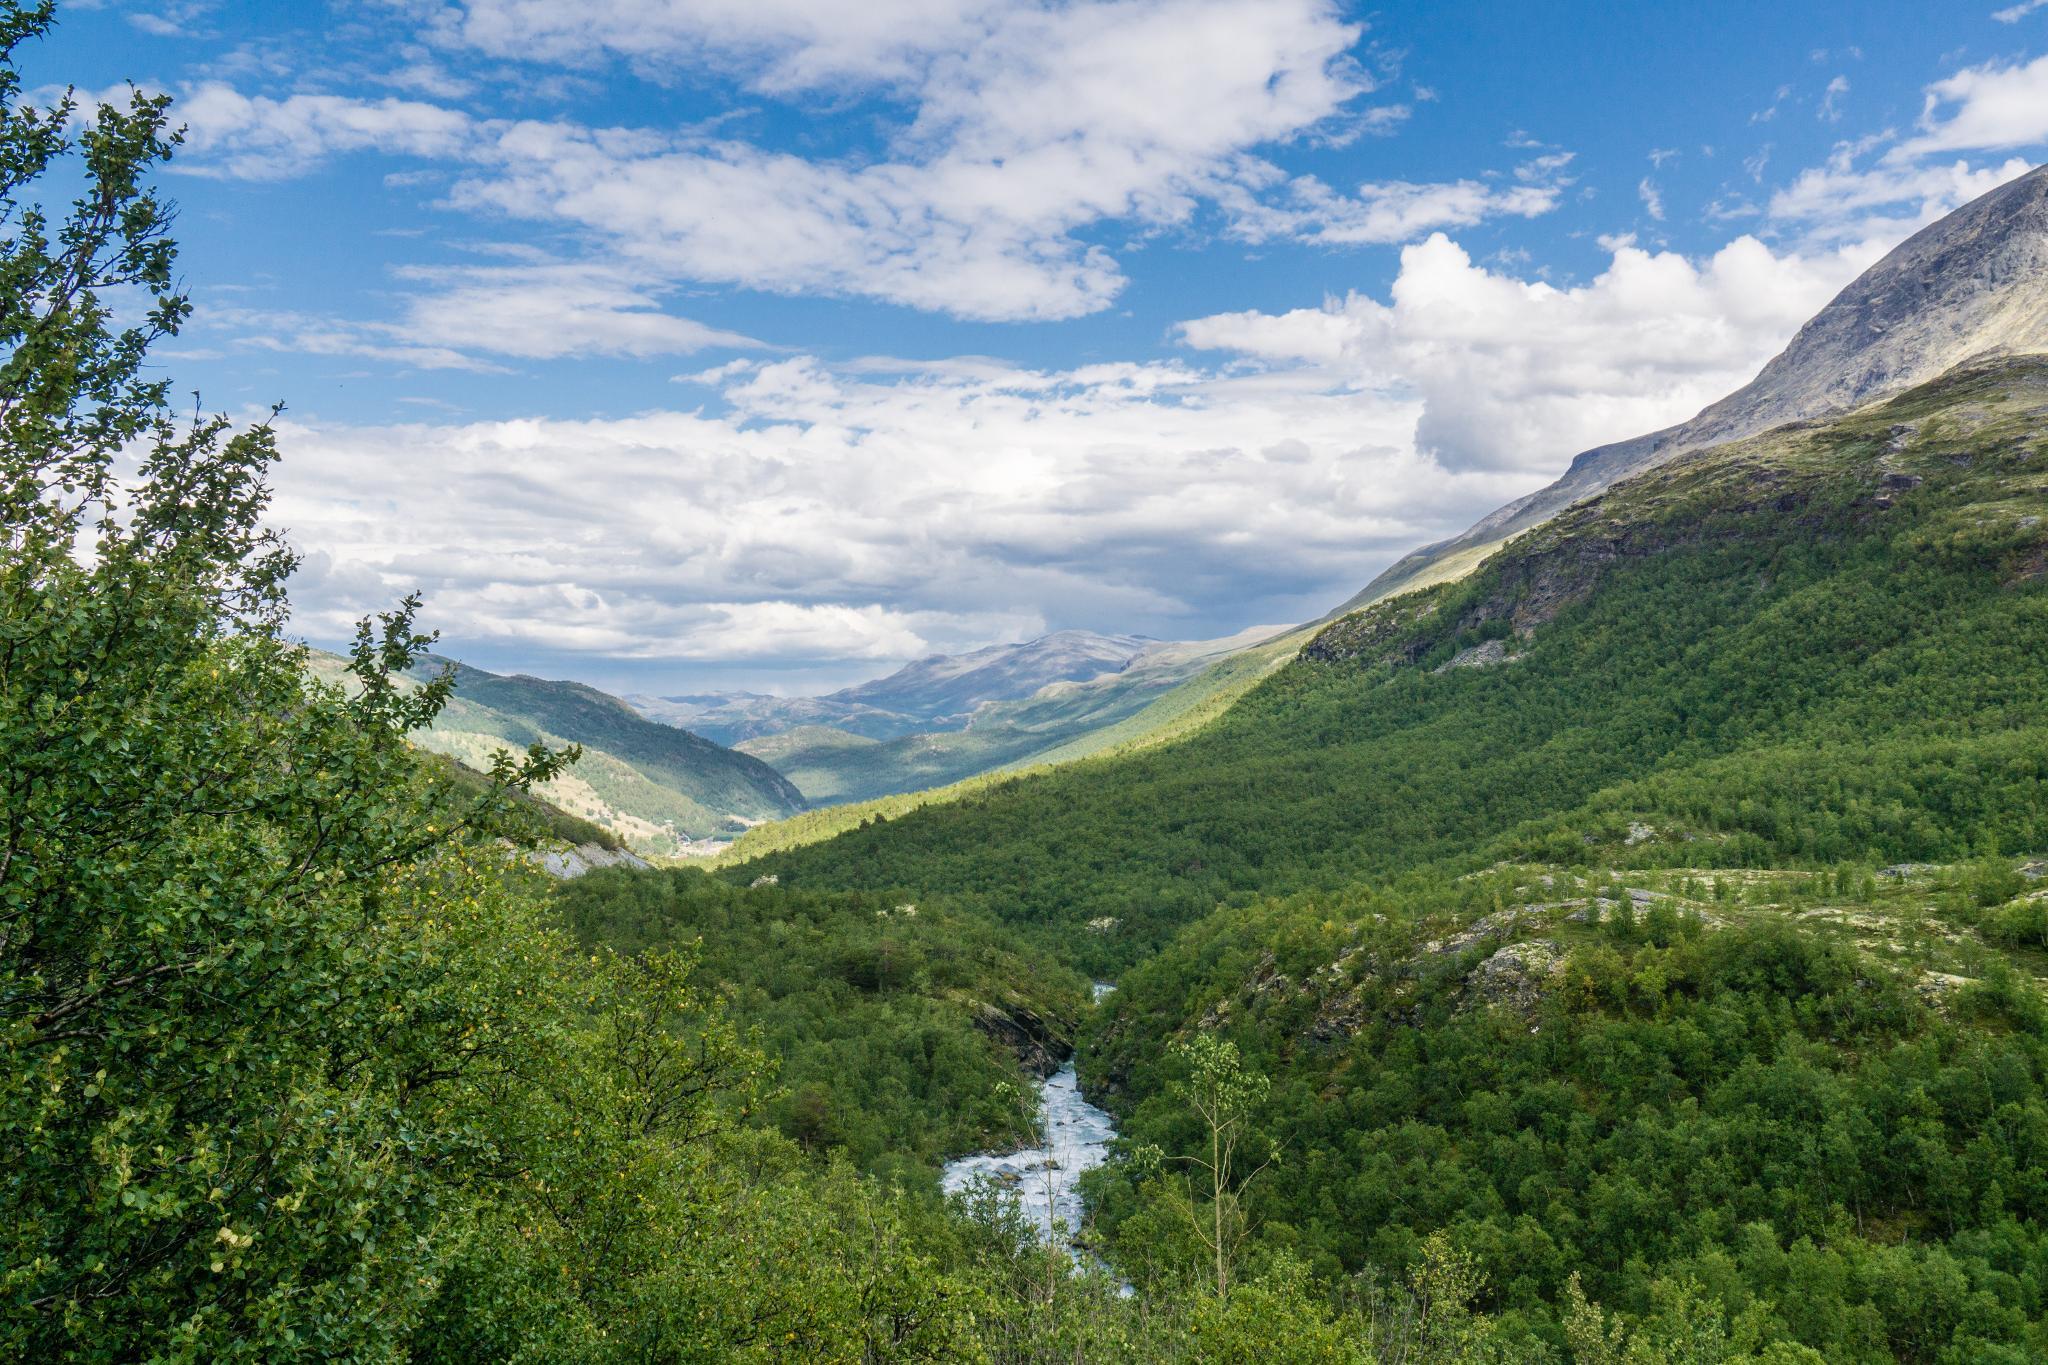 【北歐景點】穿越挪威的屋脊 - 前進北歐最美的冰原景觀公路 Fv55松恩山路 (Sognefjellet) 18